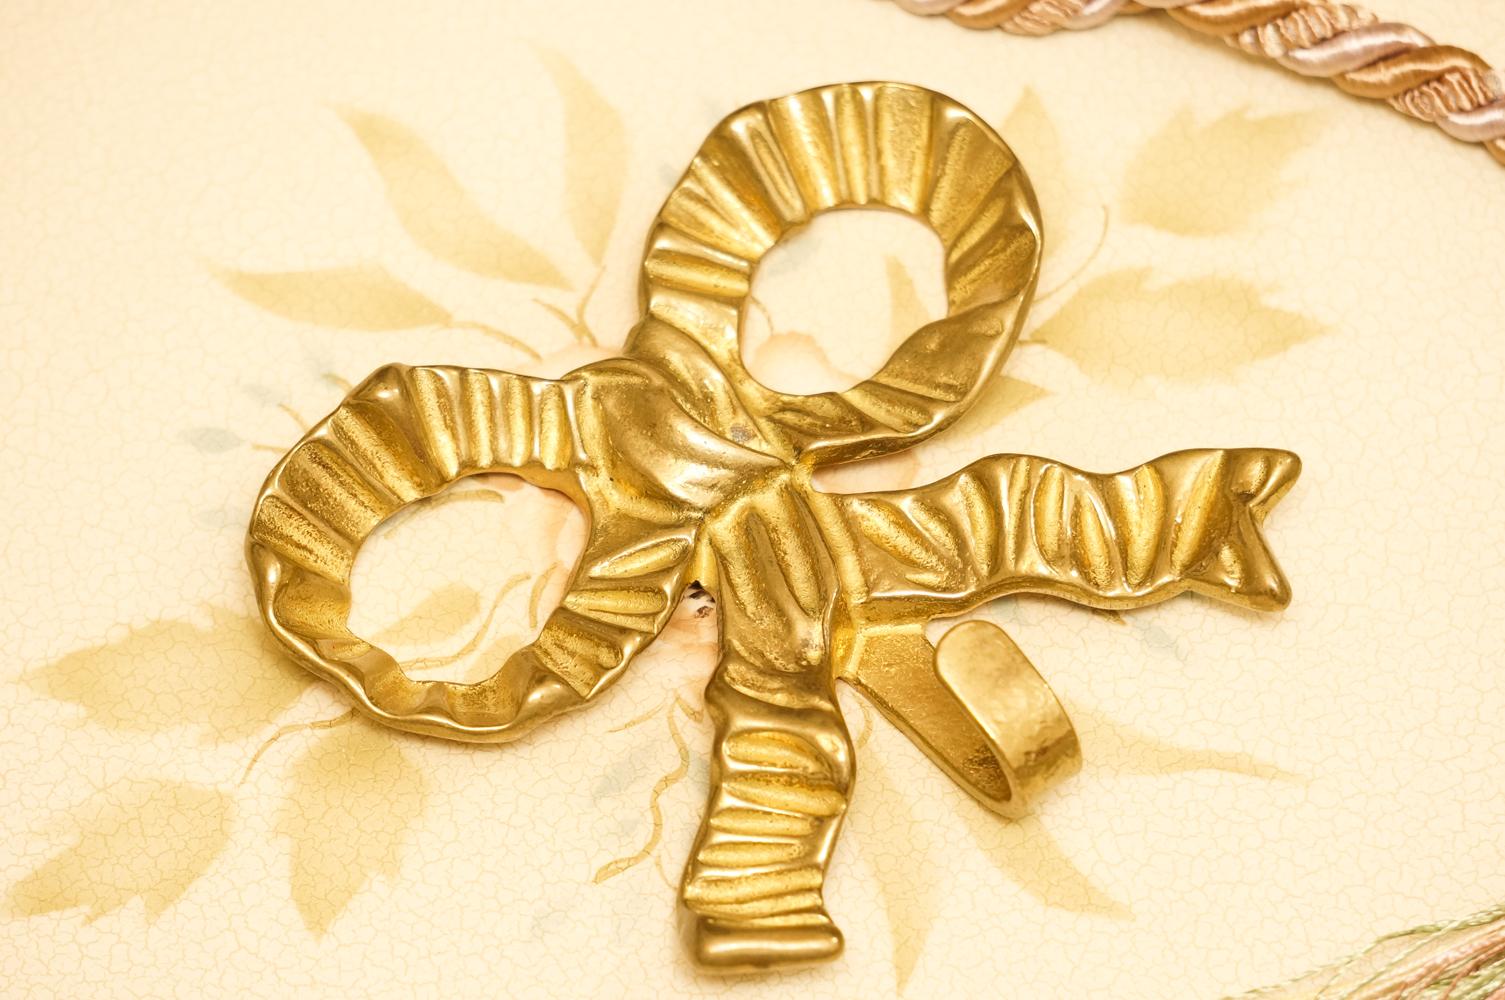 真鍮製 ゴールド リボン フック